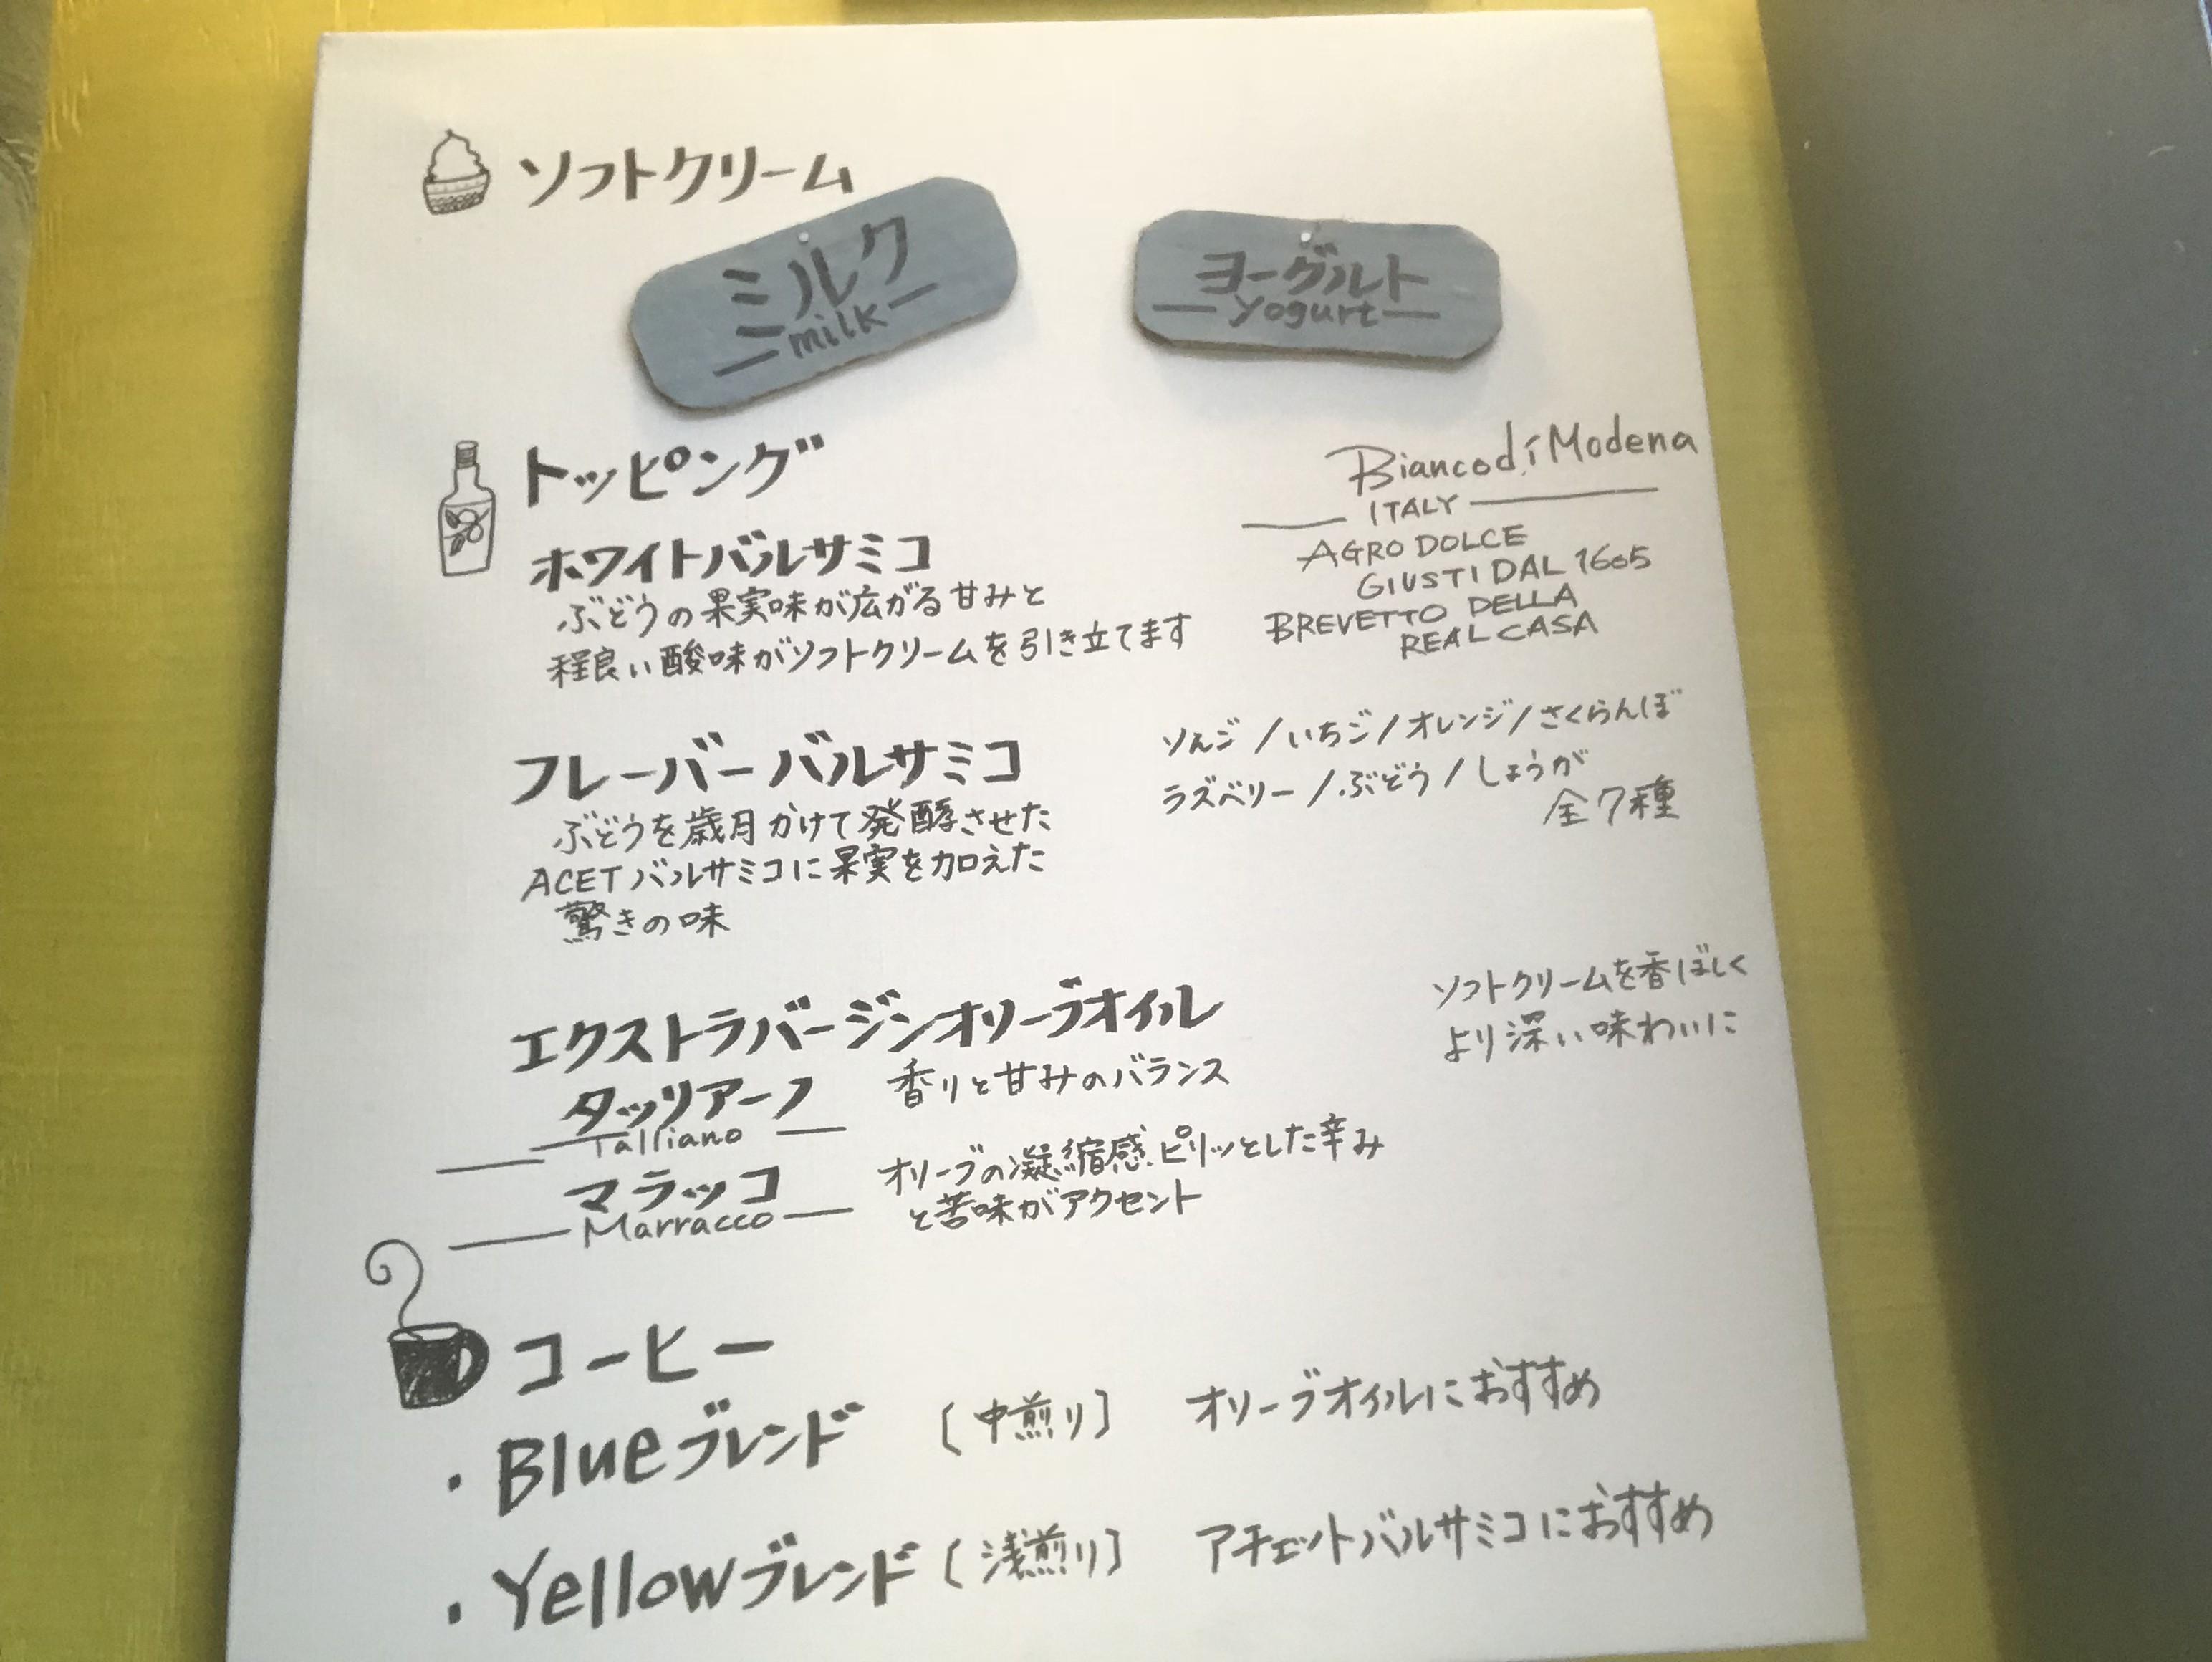 ソフトクリームにかけるトッピングの説明が書かれている